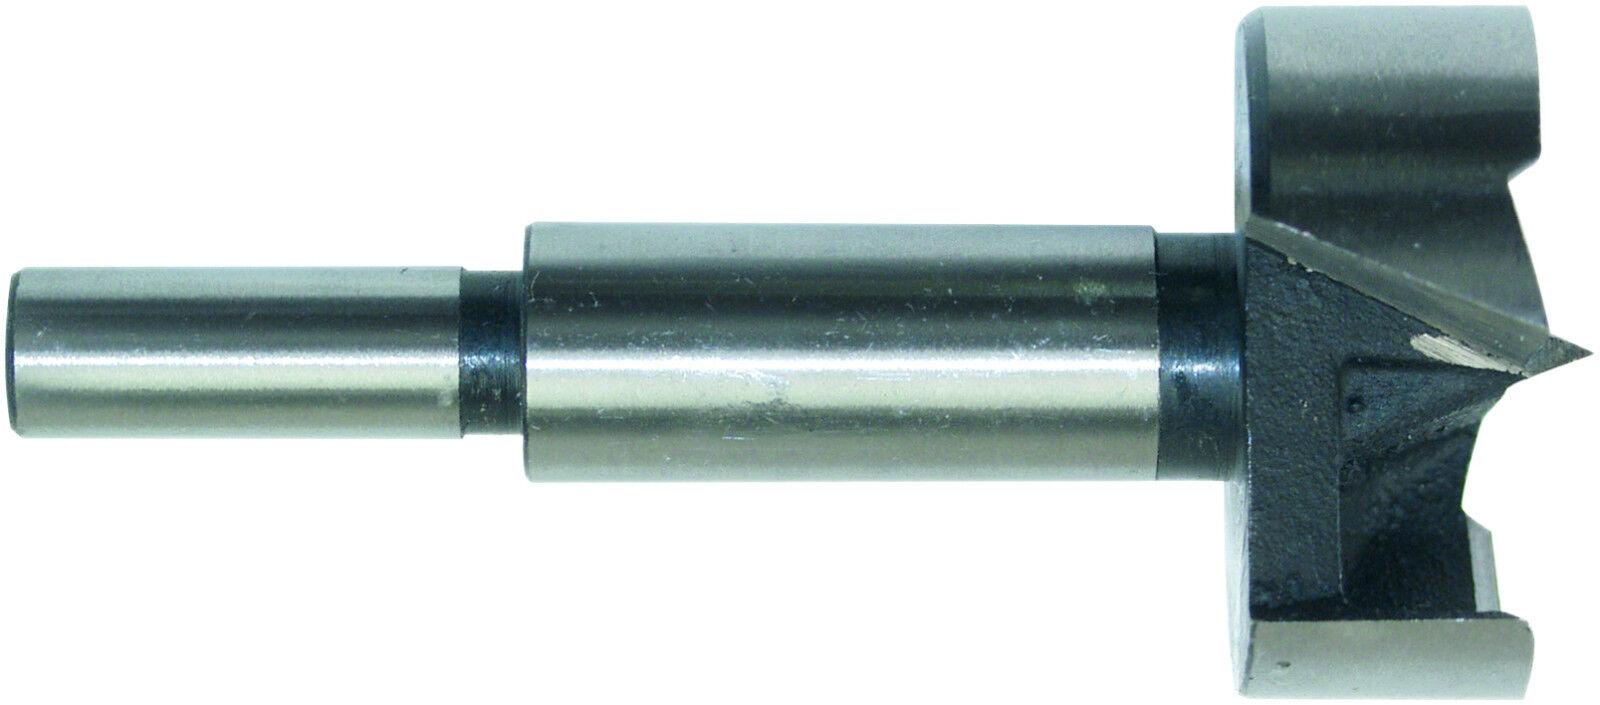 Forstnerbohrer, DIN 7483 G, Holzbohrer, Kunstbohrer, Astlochbohrer, 95mm